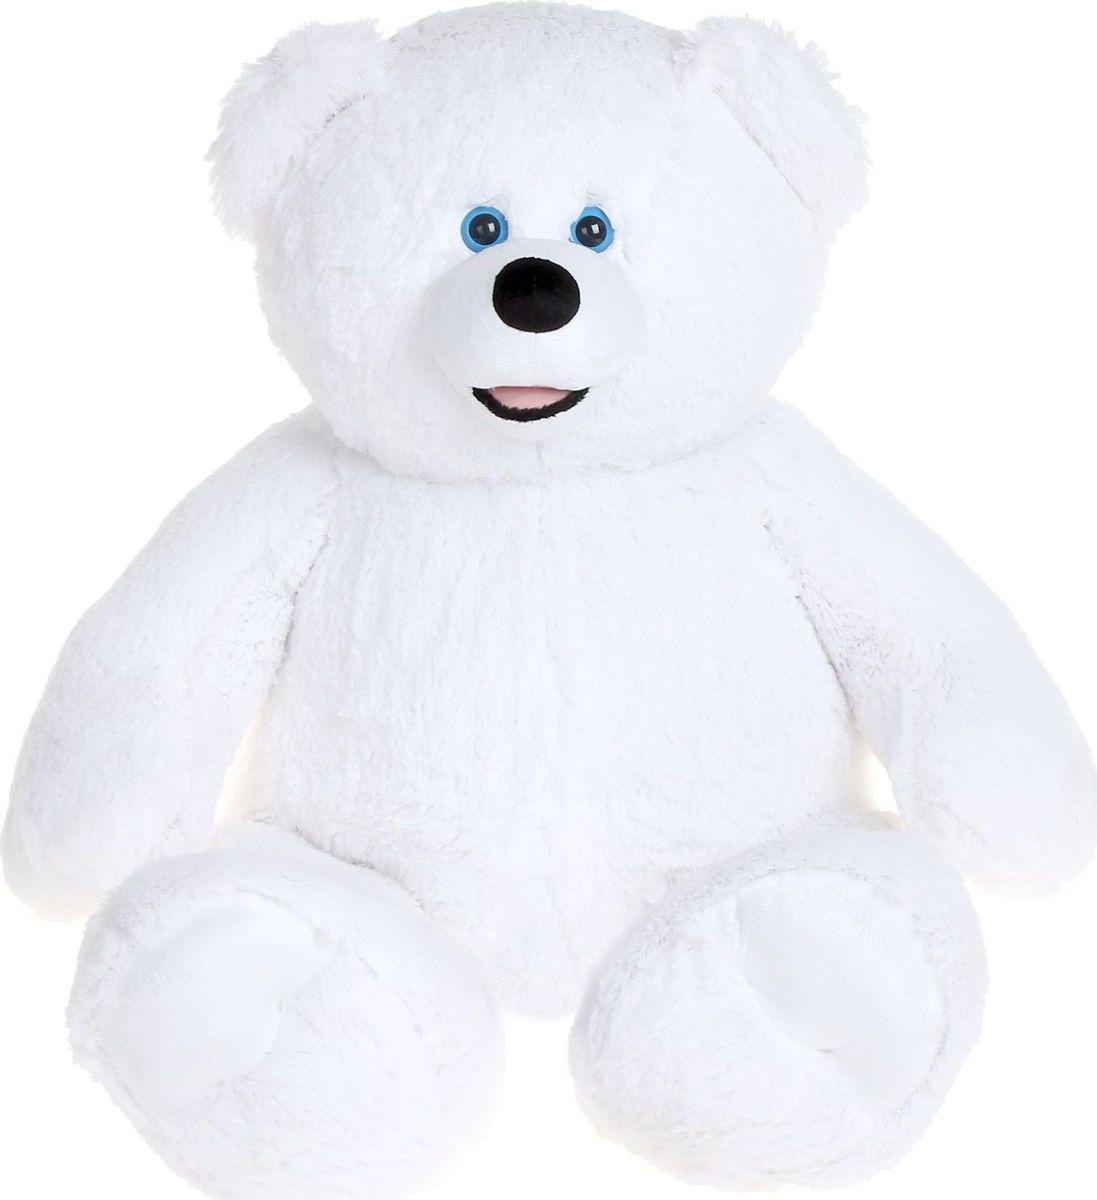 Купить Три мишки Мягкая игрушка Мишка Патрик цвет белый 60 см, Мягкие игрушки